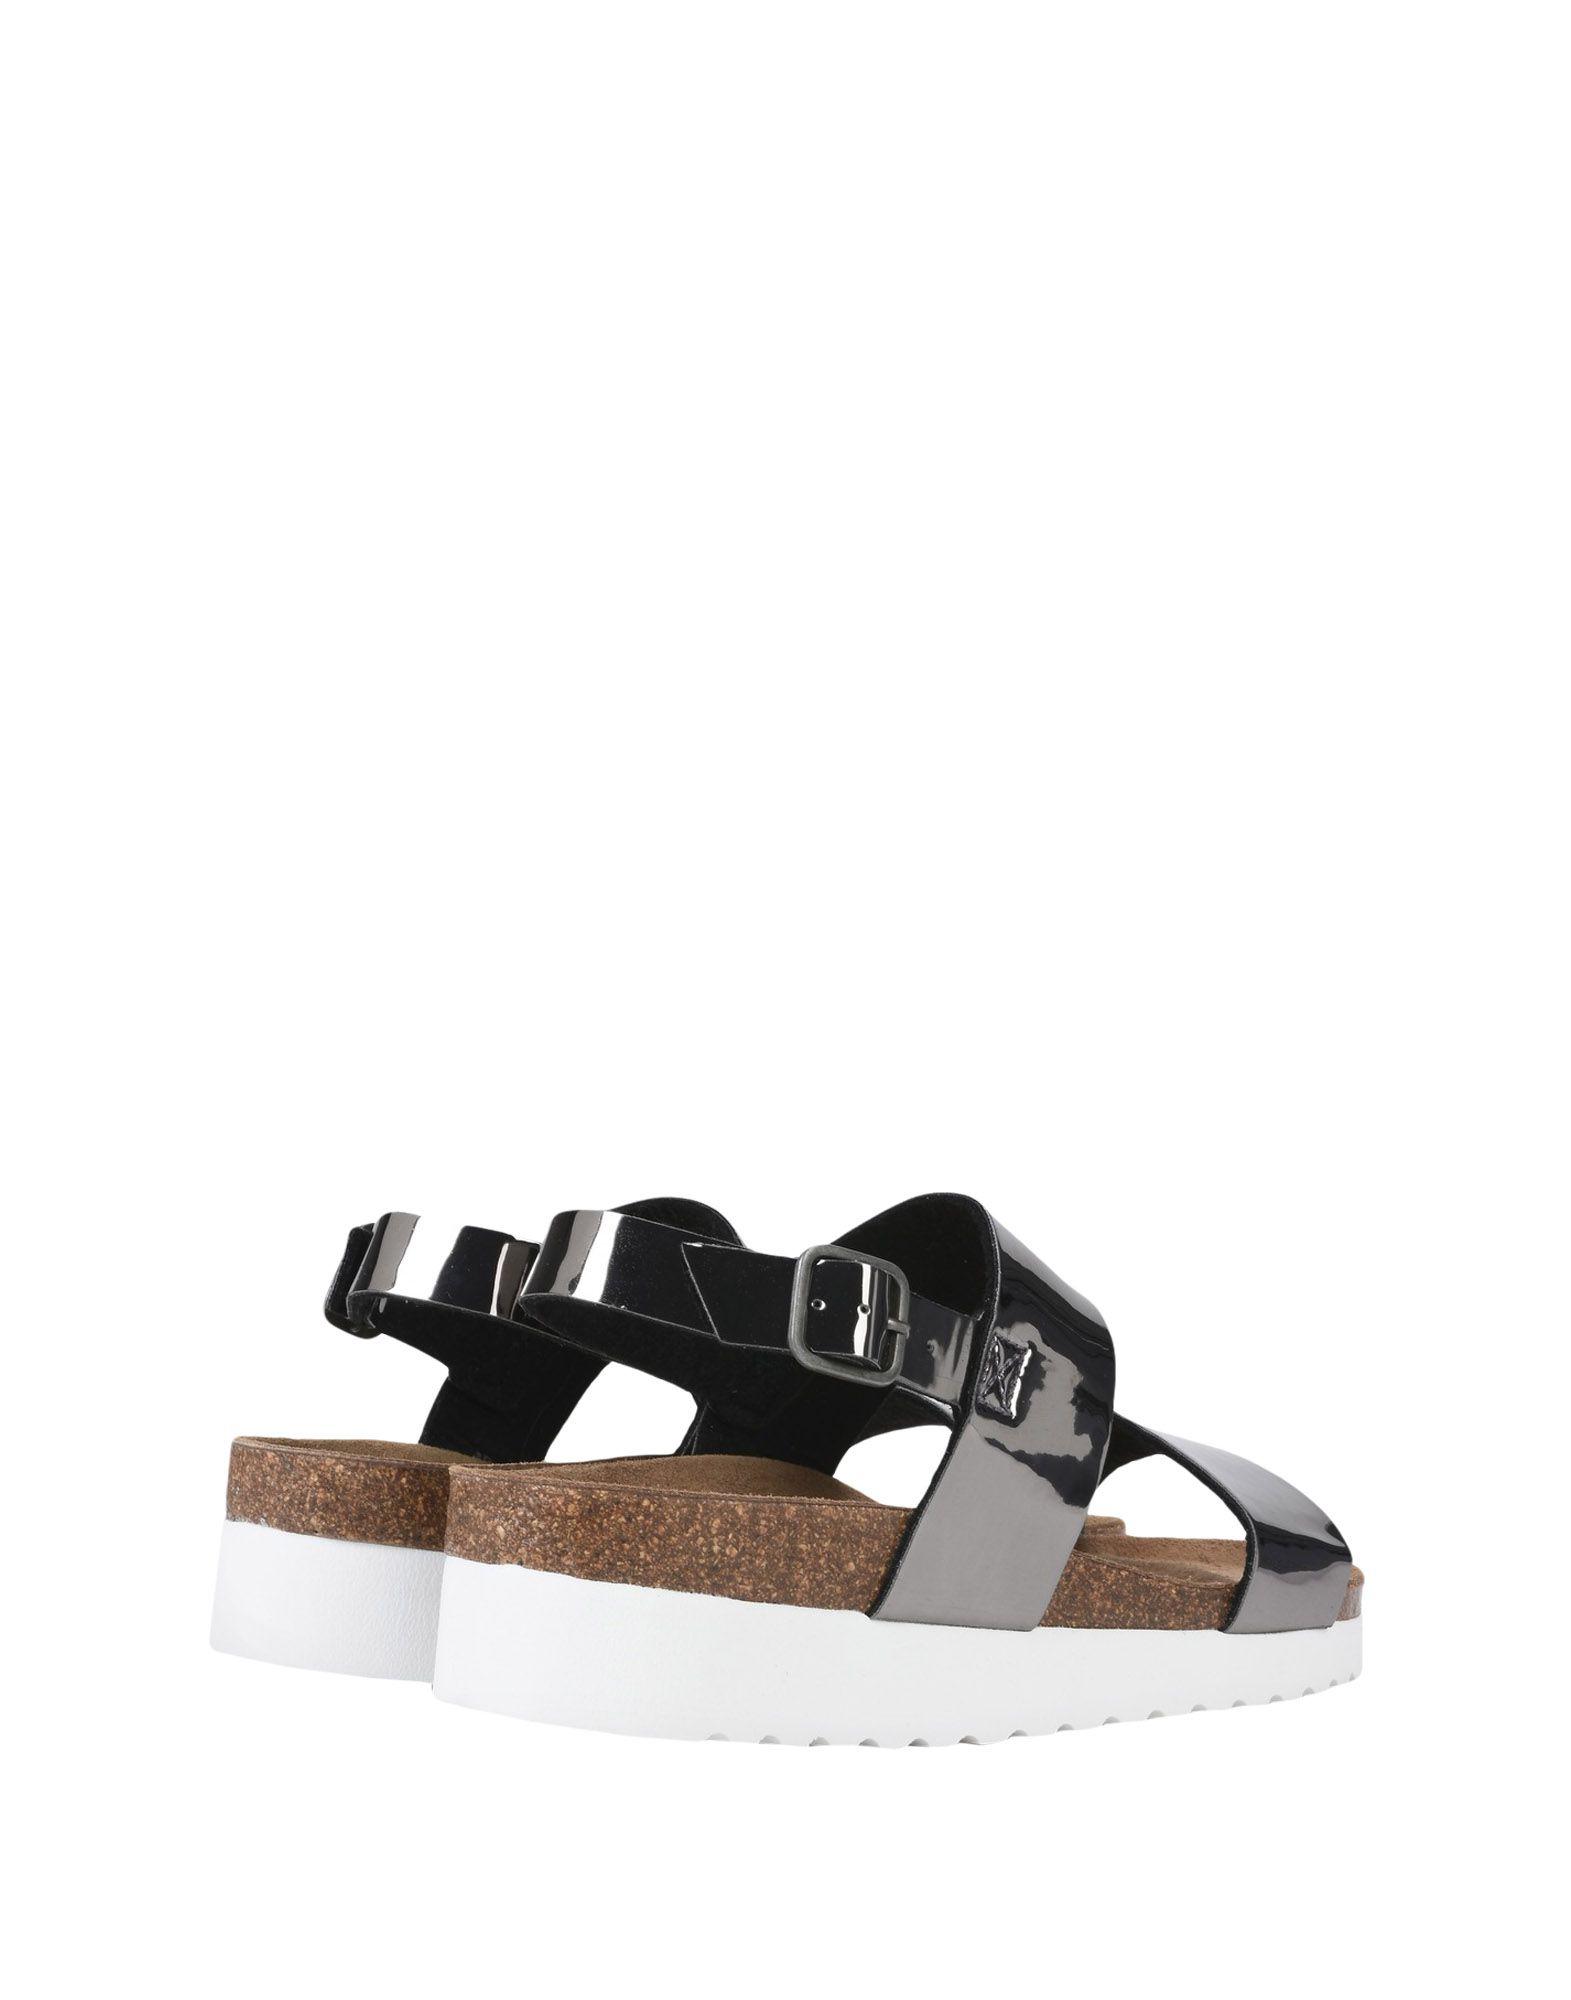 Maison Shoeshibar Aya  11476718KV Heiße Schuhe def7c4